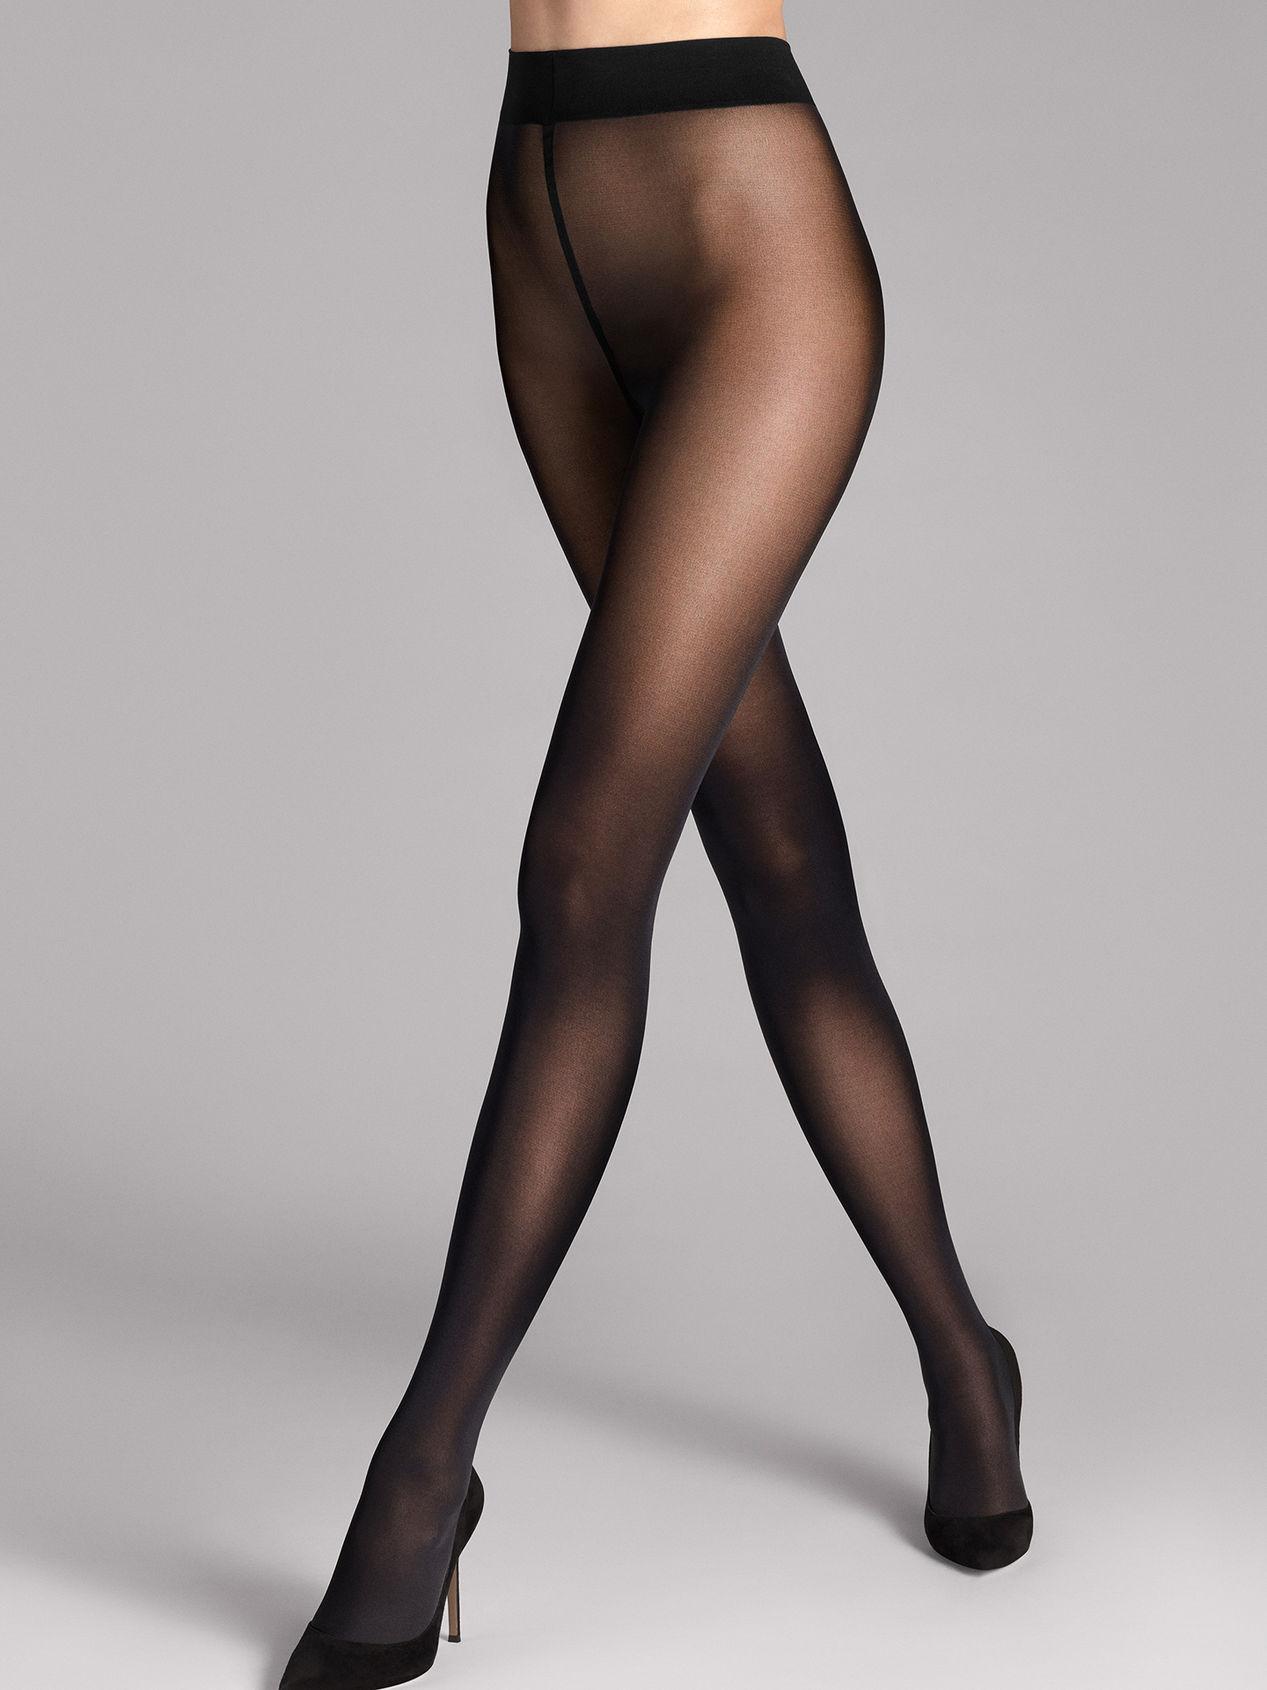 Menu Pantyhose Legs Pantyhose 107